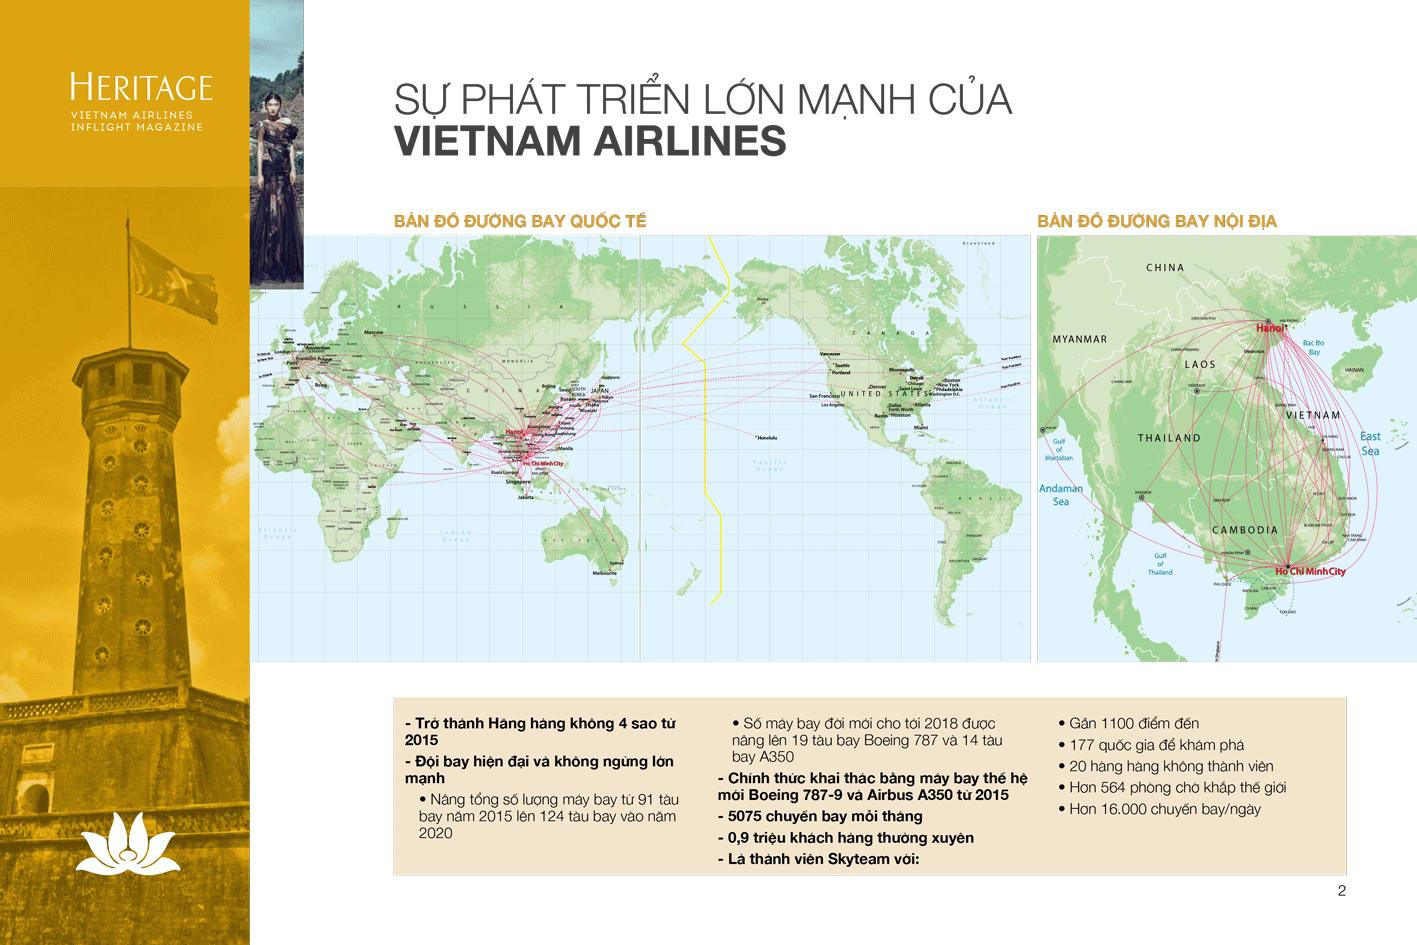 Bảng giá quảng cáo tạp chí trên máy bay